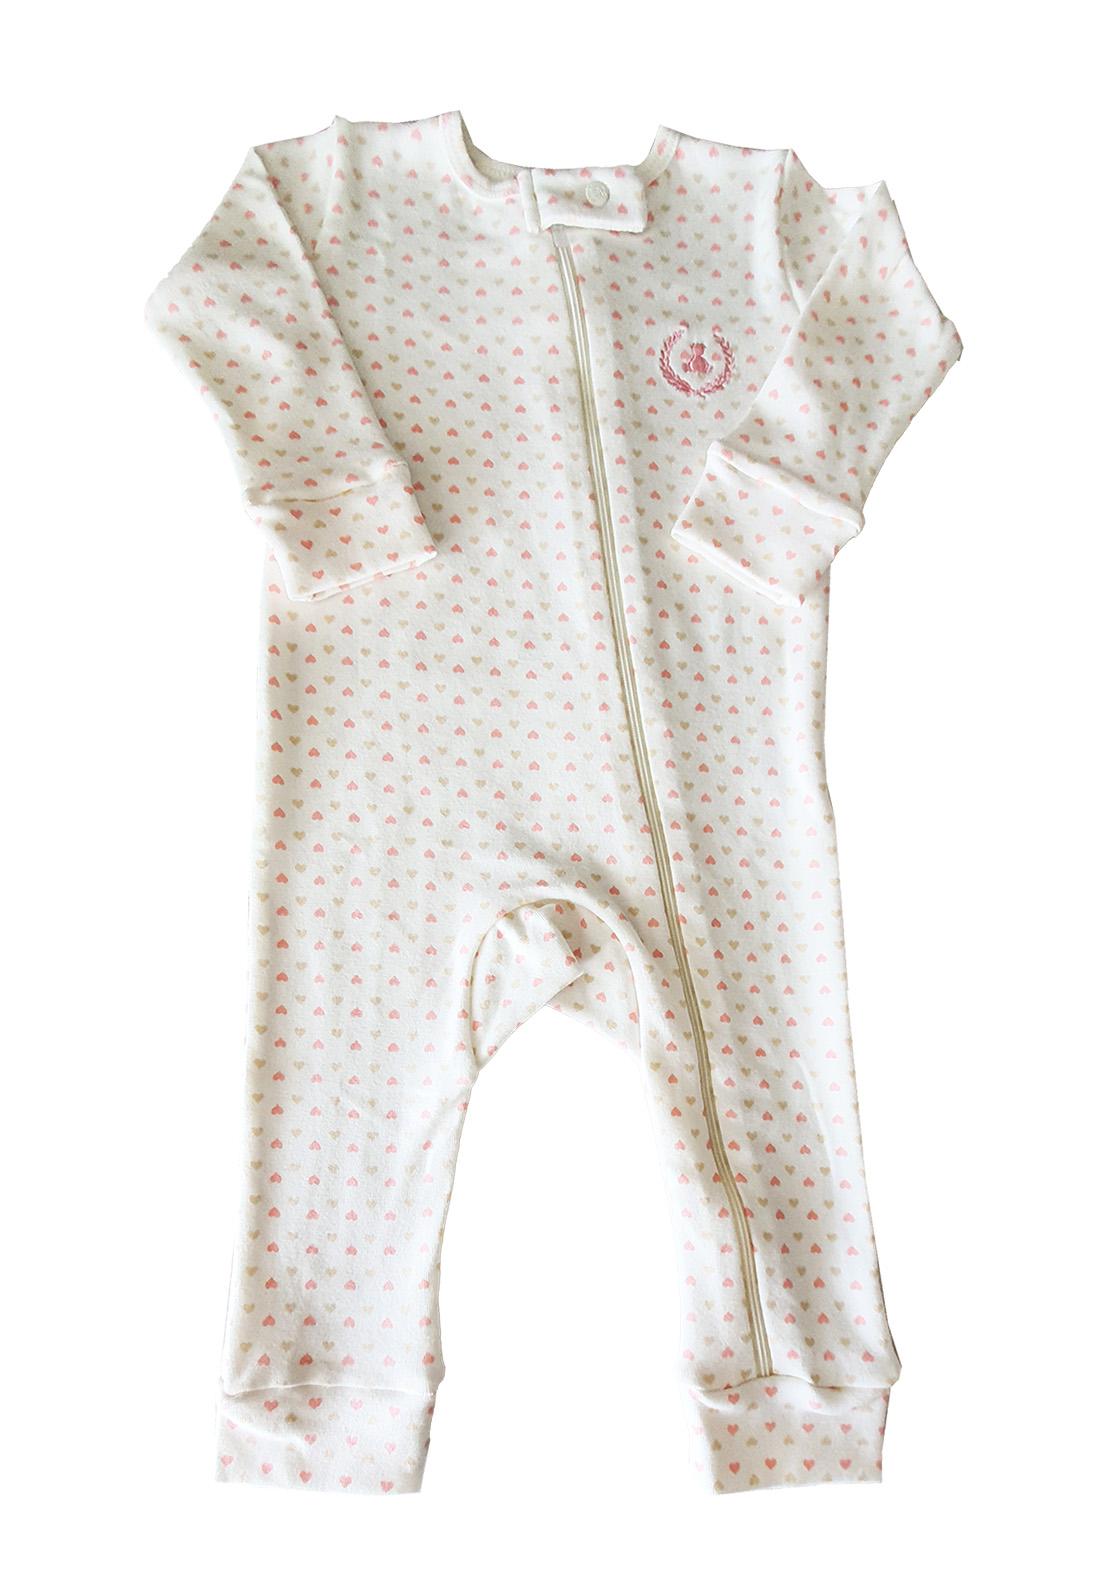 Macacão Pijama Infantil Coquelicot  com zíper e sem pé Coraçãozinho off White